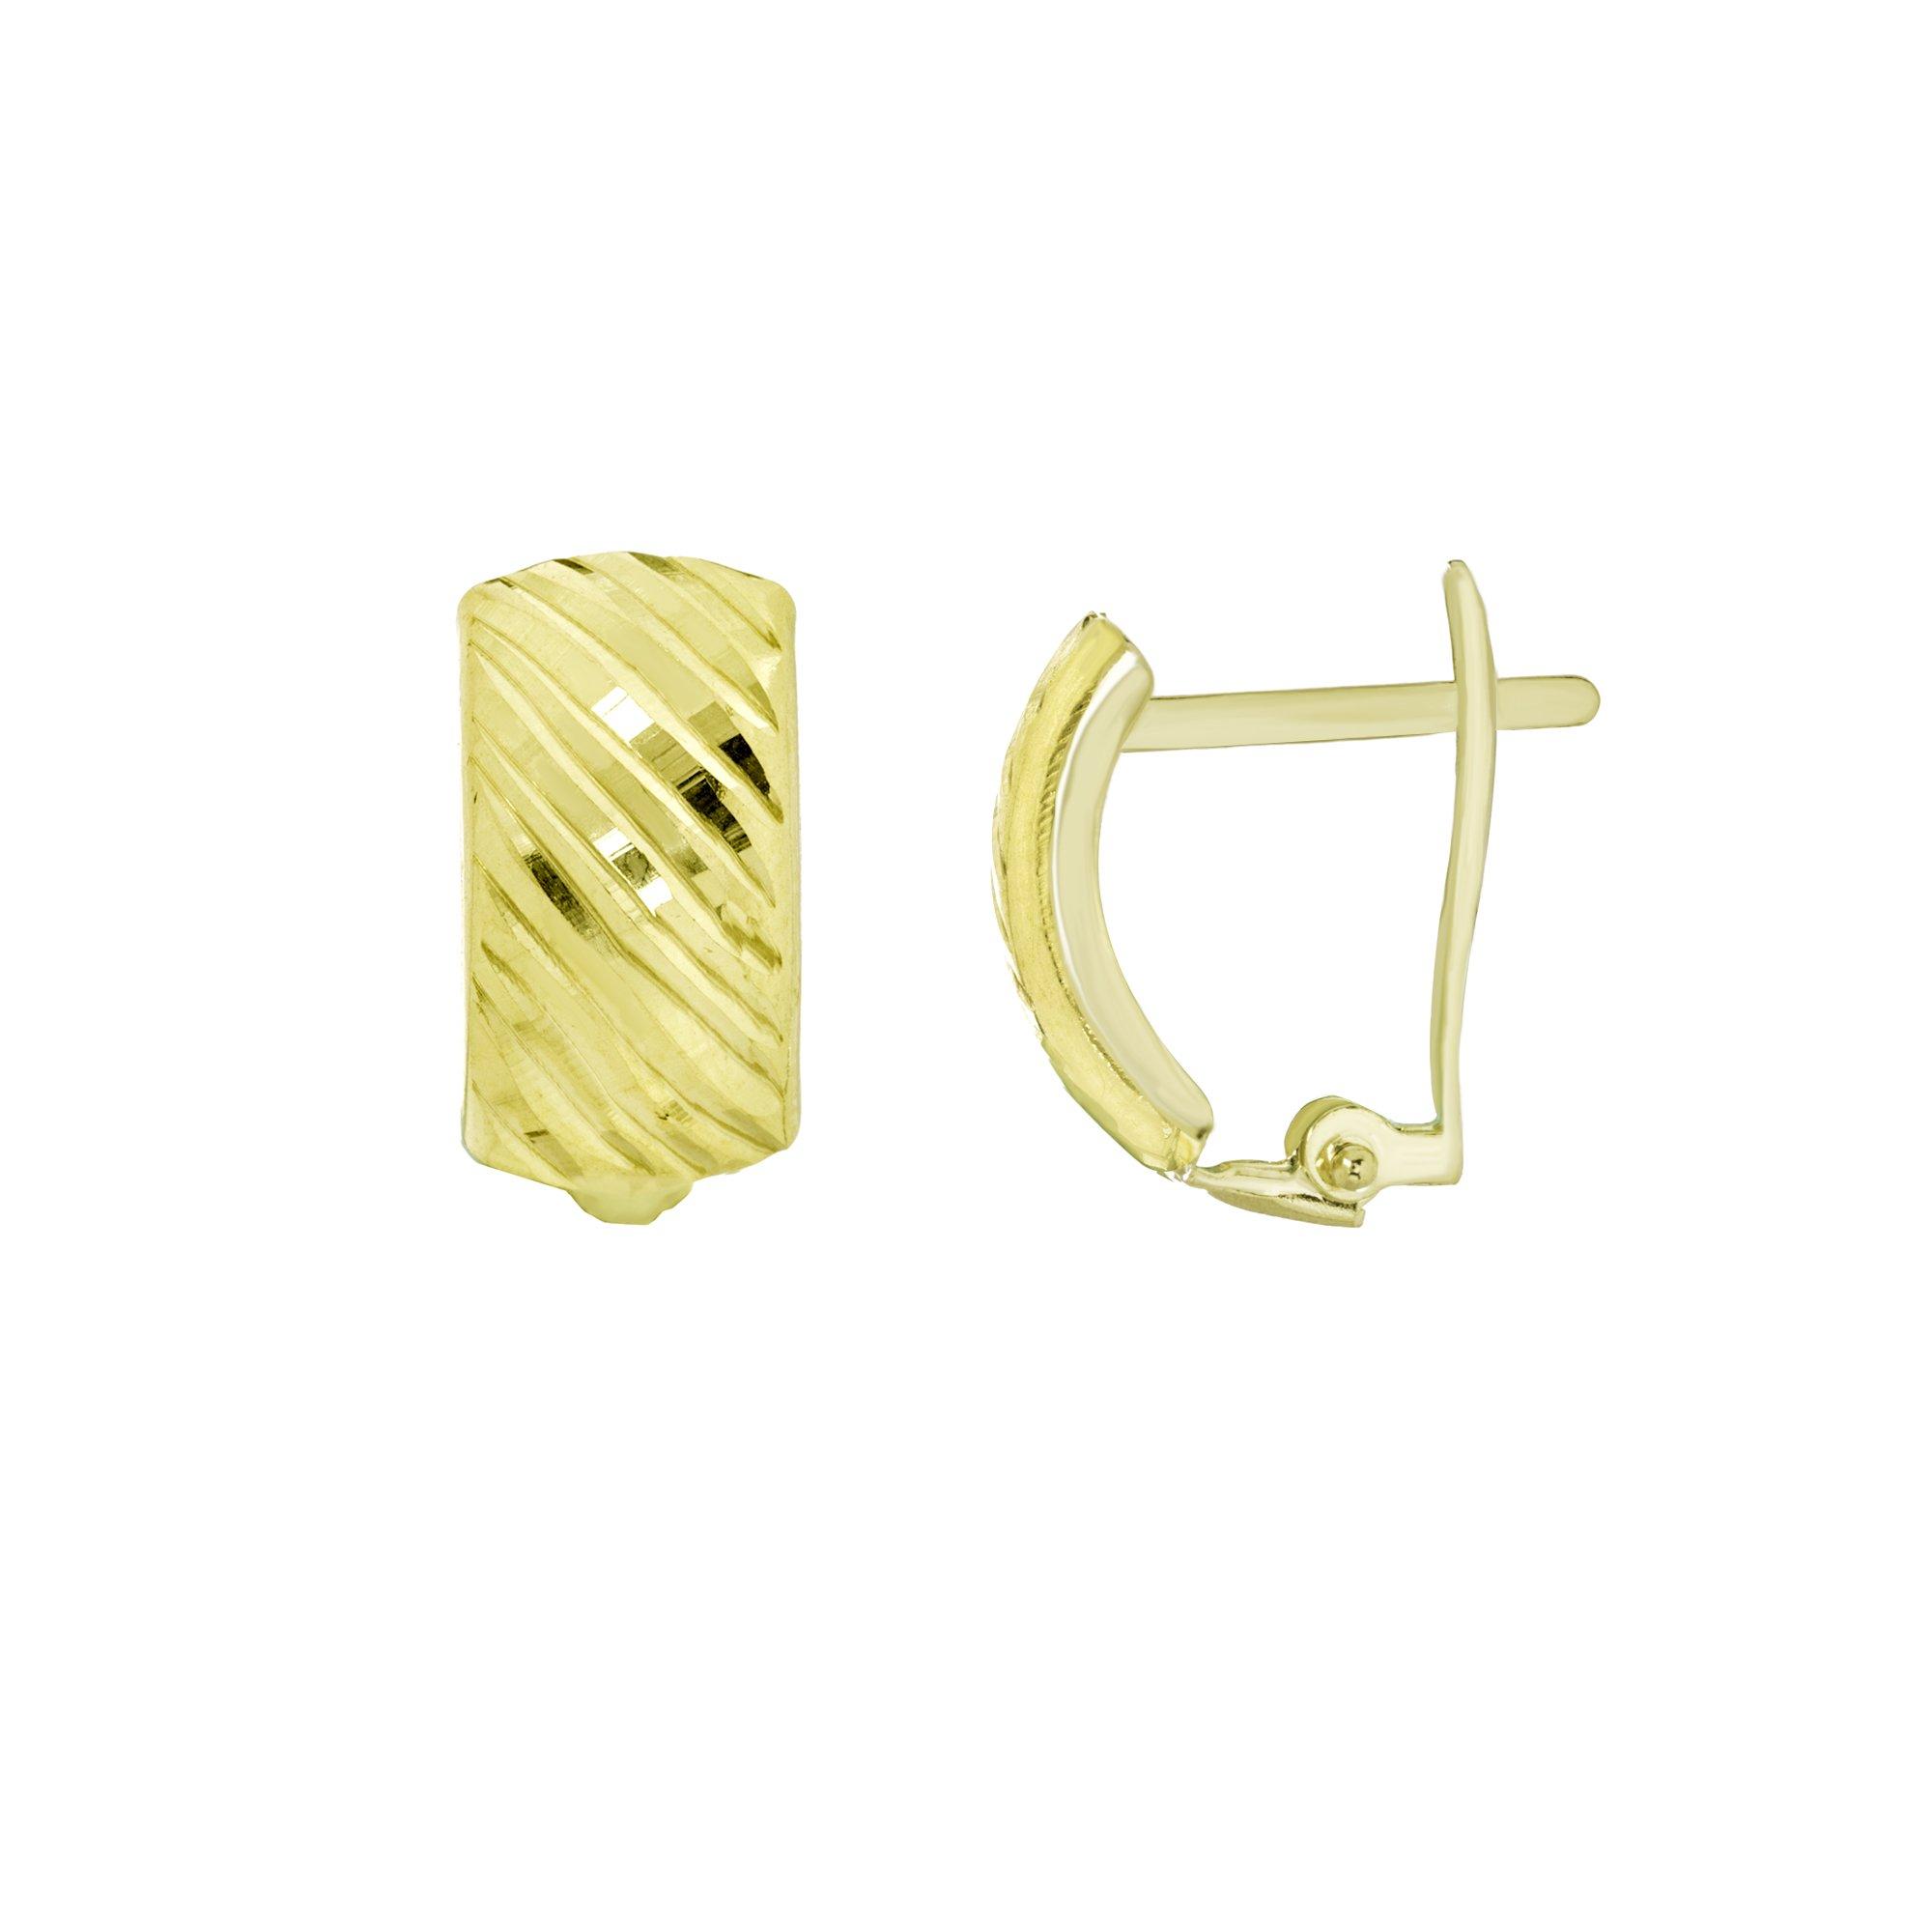 CLIP BACK EARRINGS, 10KT GOLD DIAGONAL DIAMOND CUT CLIP BACK EARRINGS